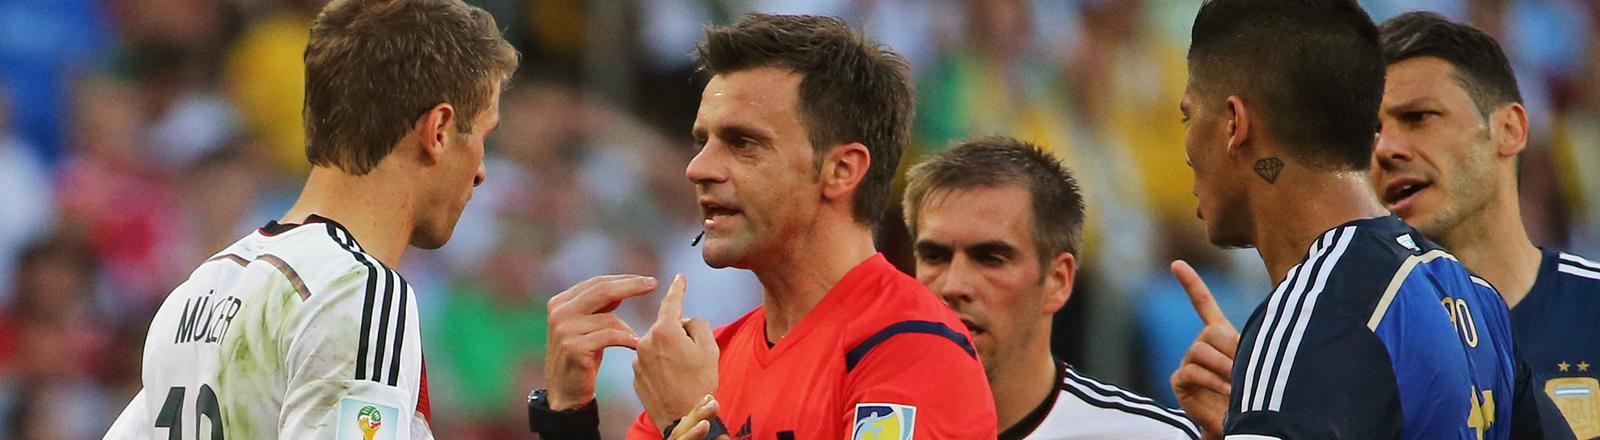 Der Schiedsrichter Nicola Rizzoli ist umgeben von vier Spielern, unter anderem Müller; Bild: dpa